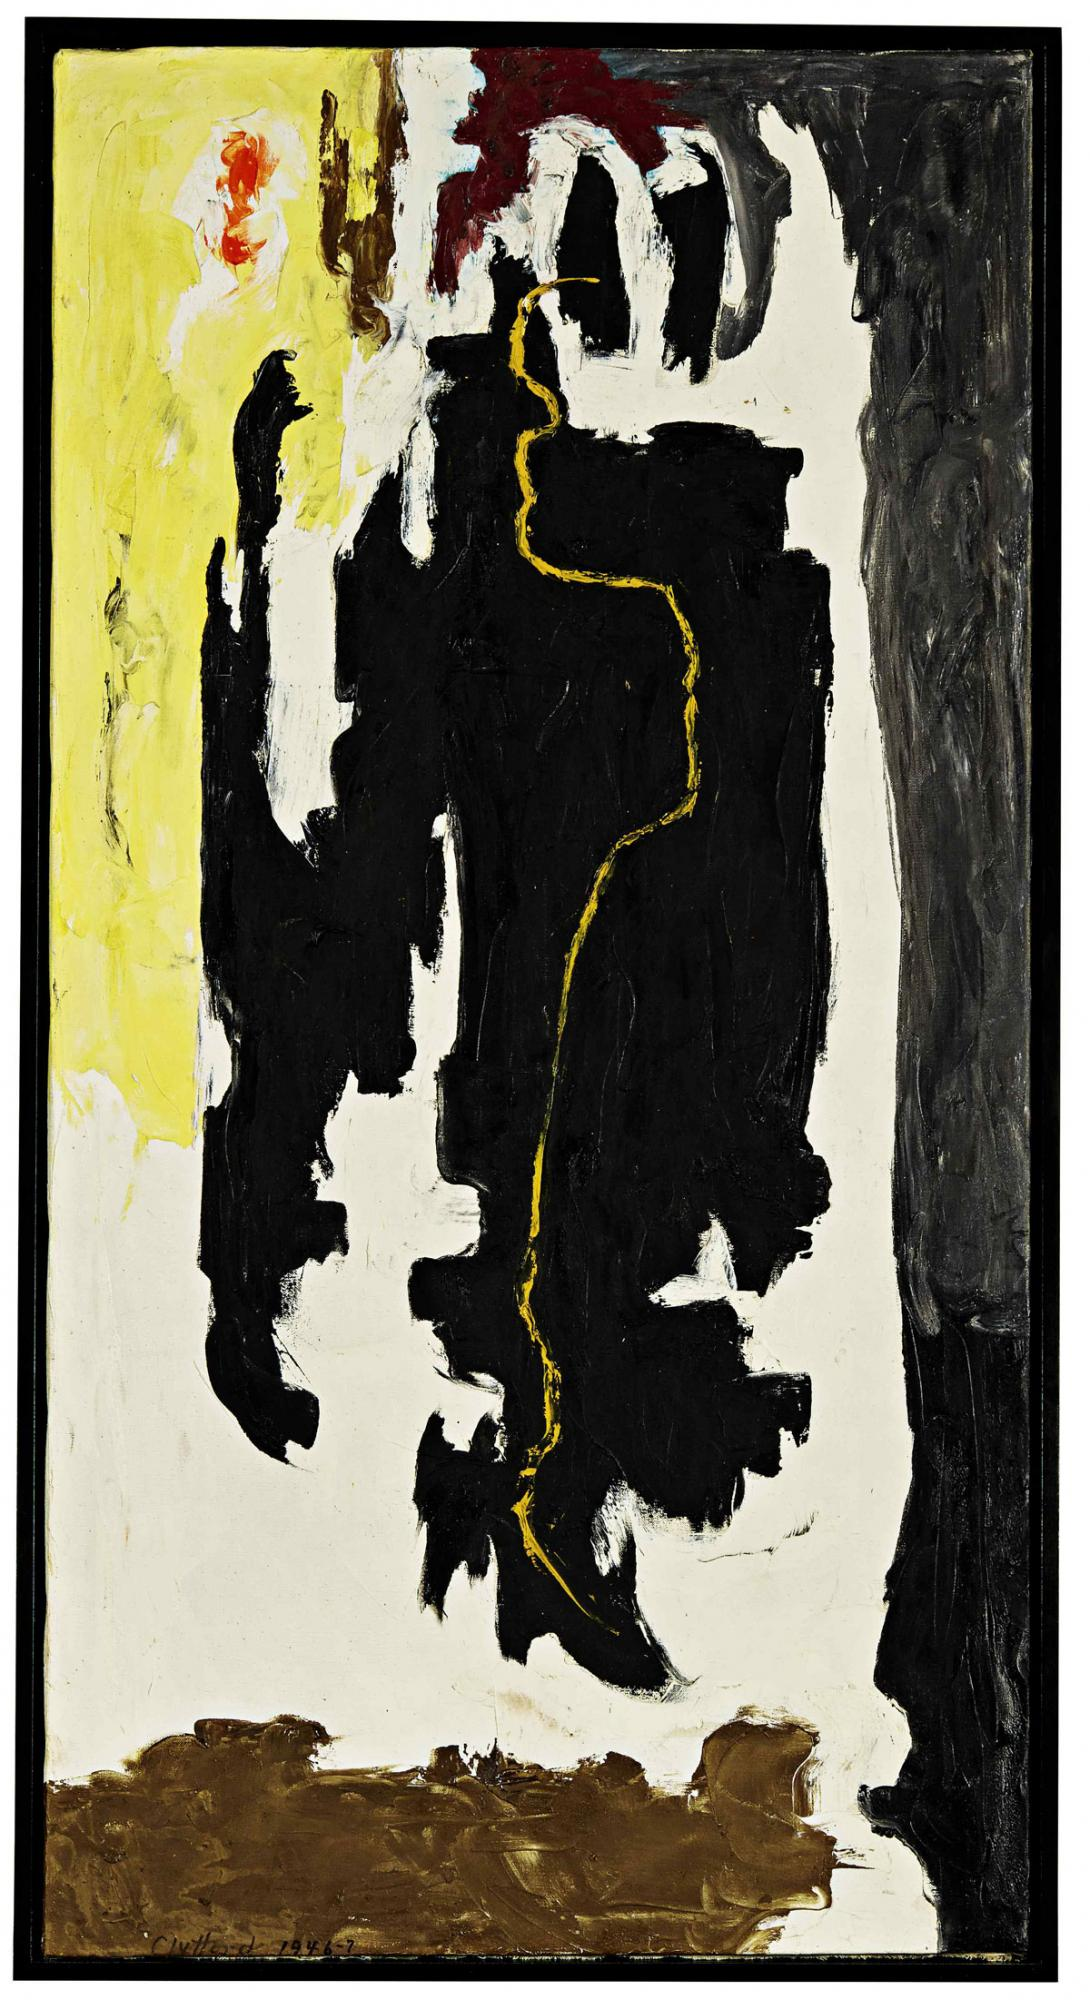 克里夫・斯蒂(Clyfford Still)《PH-306》 1946-1947年作,油畫畫布, 136.5 x 71.2公分